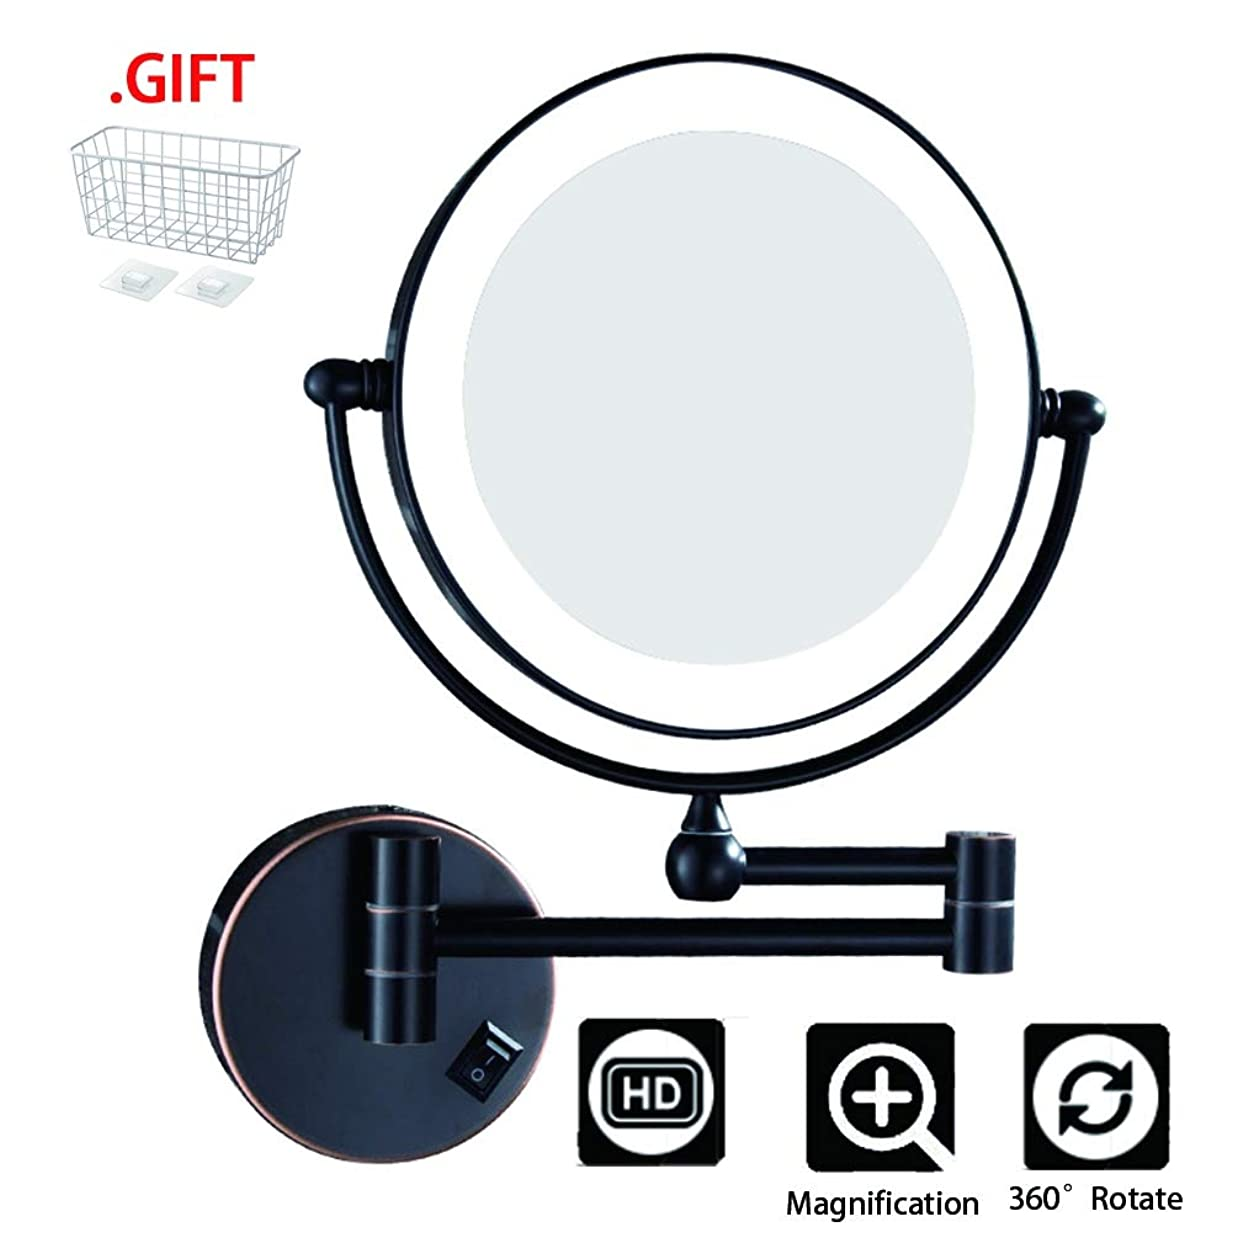 満足させる内向きほめる3X化粧鏡、折りたたみ式LED照明増幅機能、男性用シェービングレディースビューティーに最適,Blackbronze,EU2/warmlight